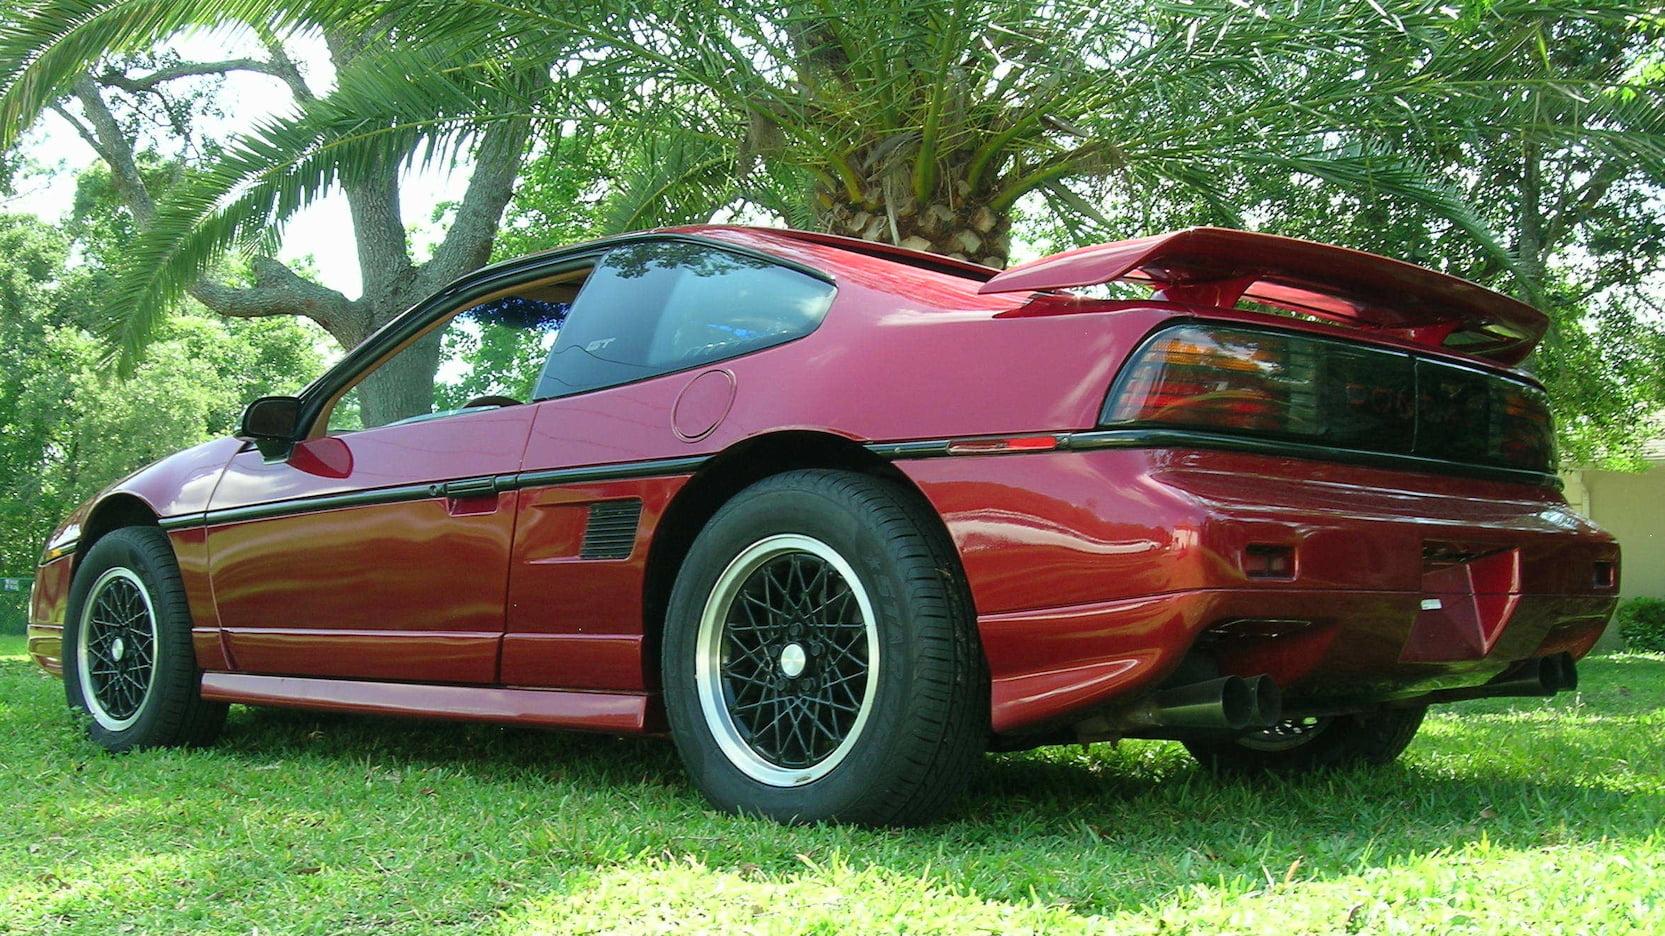 1988 Pontiac Fiero GT rear 3/4